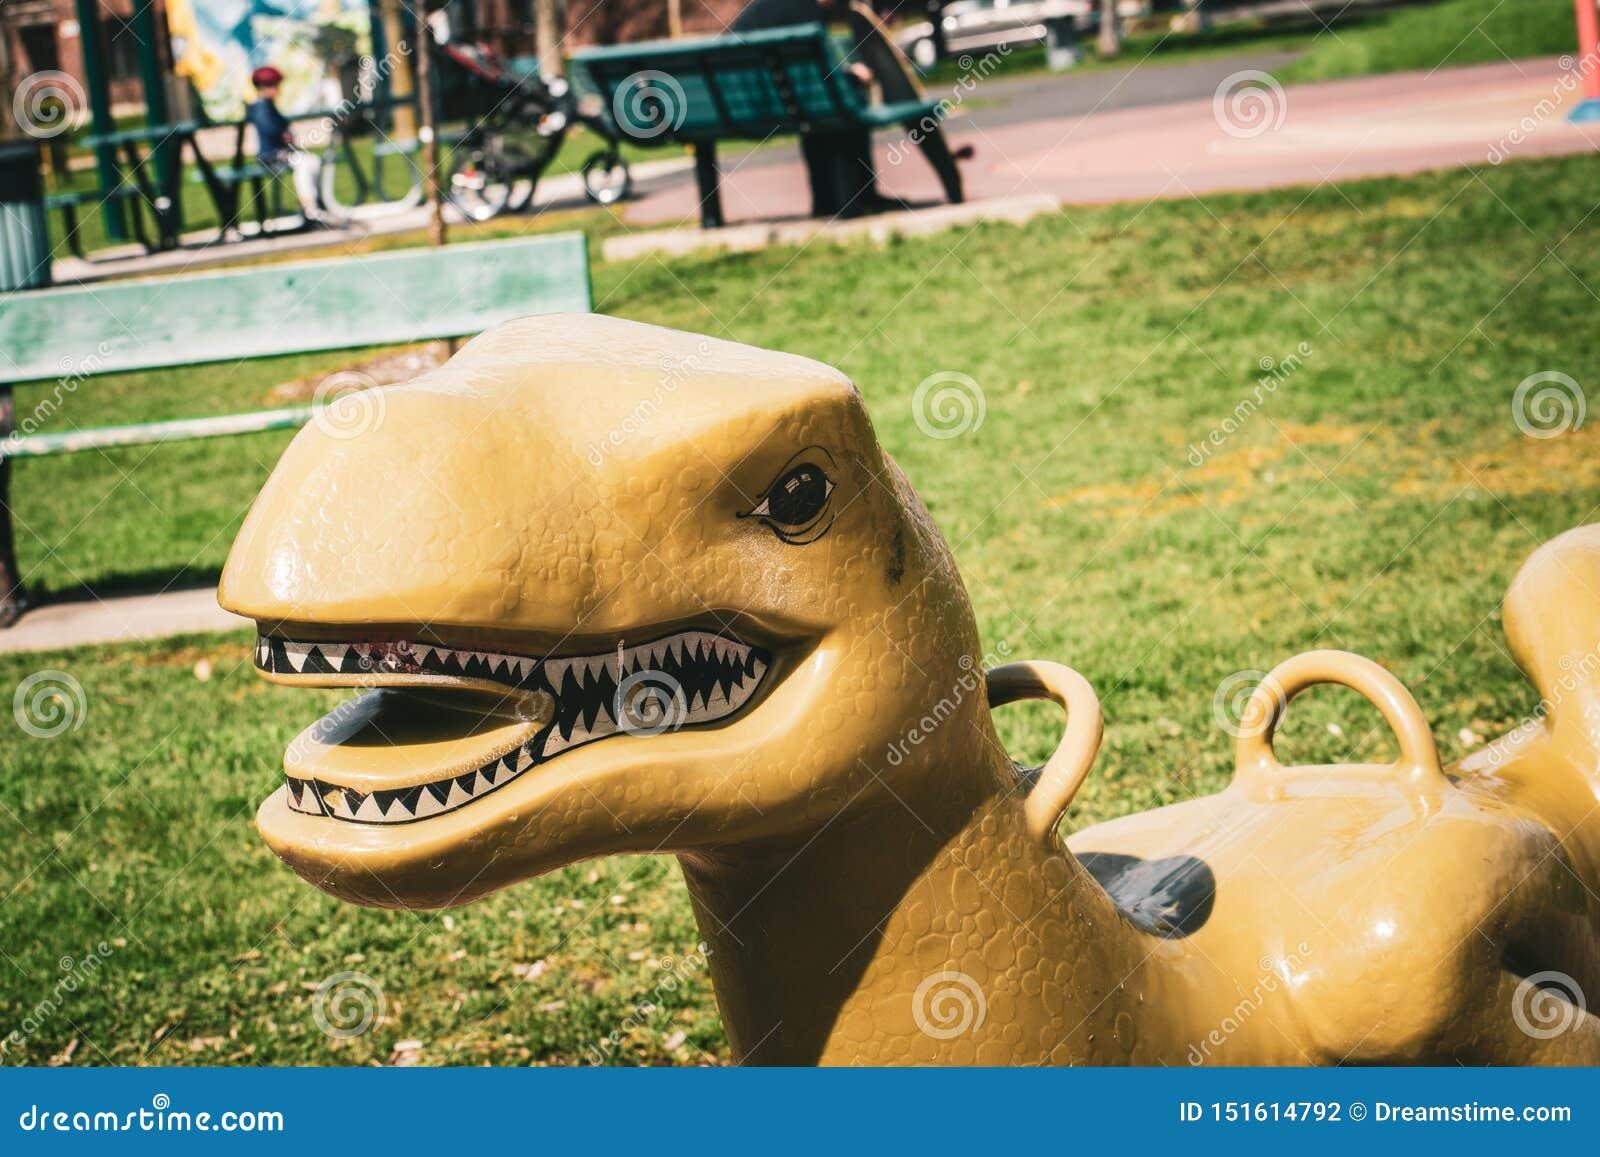 Пластиковое качание динозавра в спортивной площадке